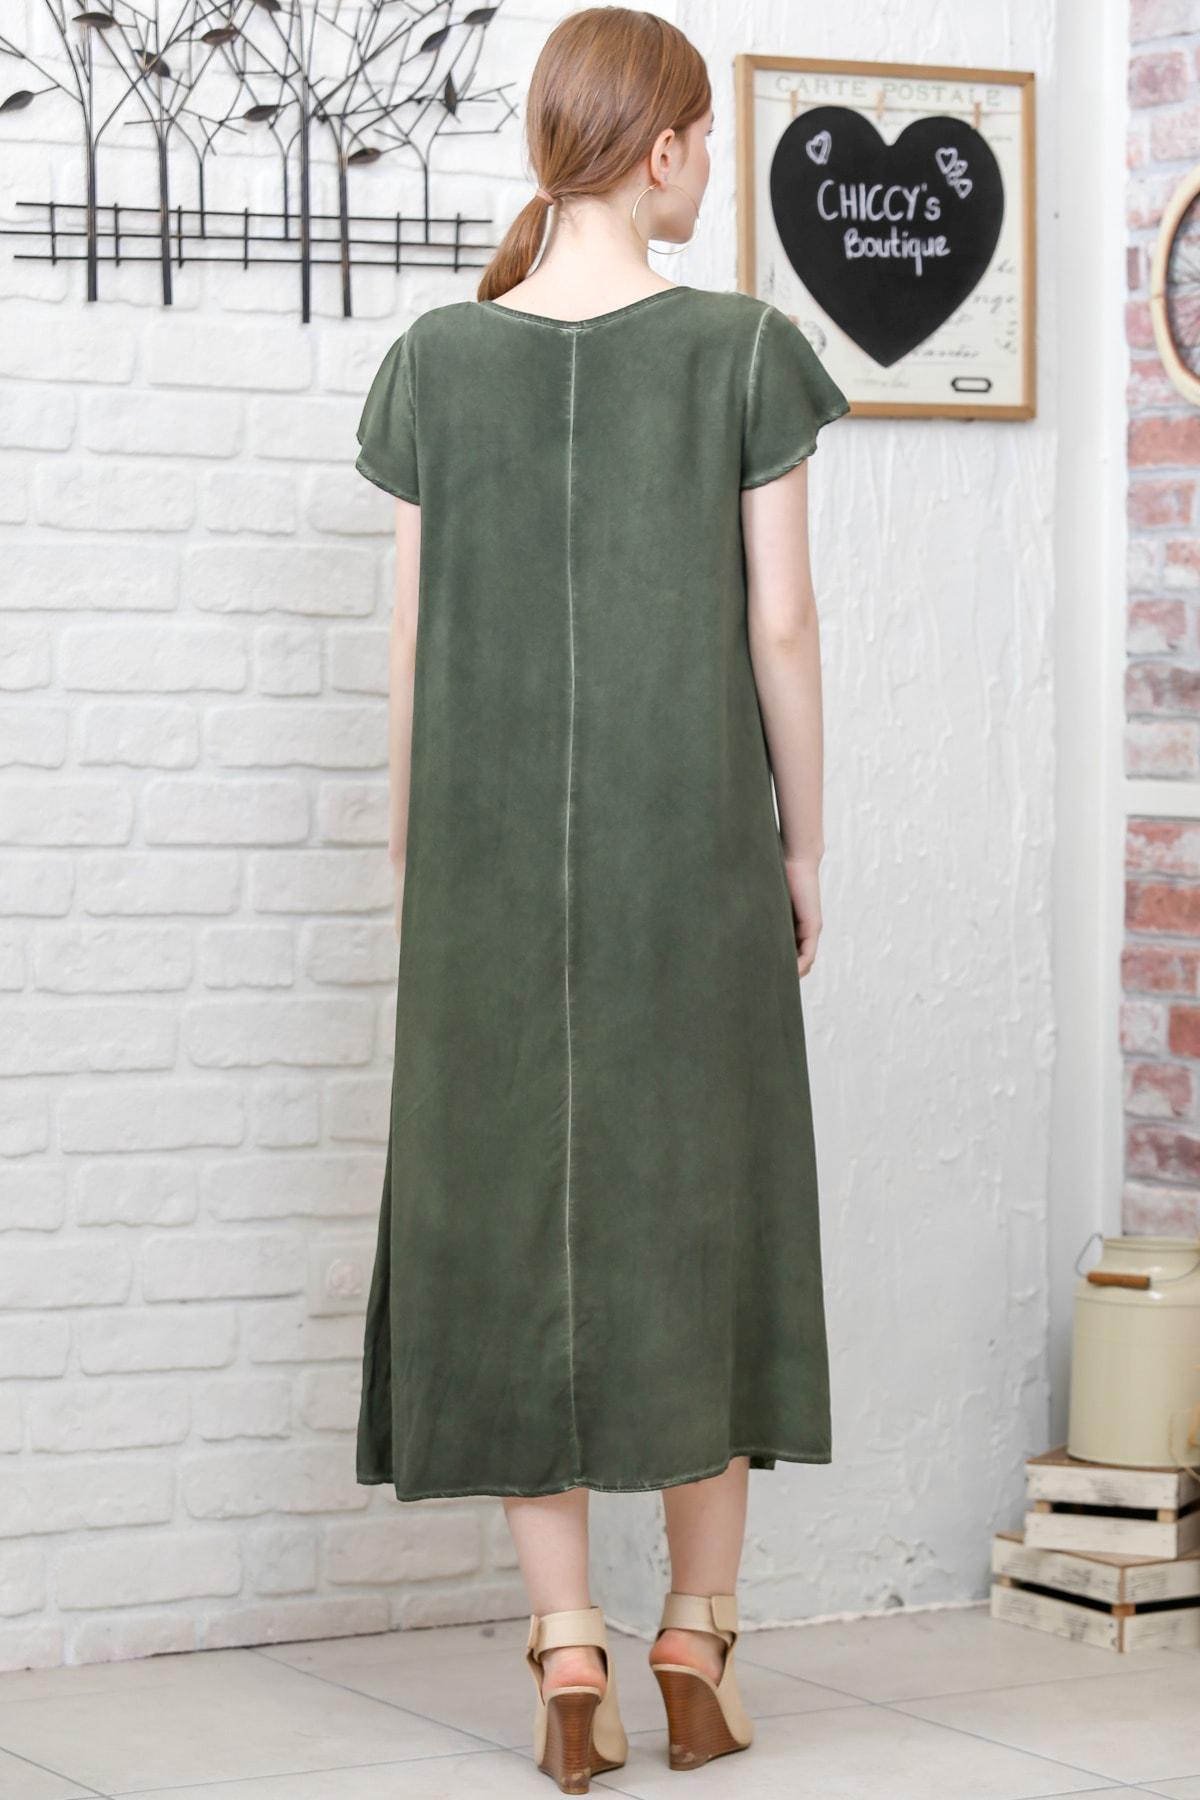 Chiccy Kadın Siyah Sıfır Yaka Süzene Çiçek Aplikeli Salaş Yıkamalı Elbise M10160000EL95154 3